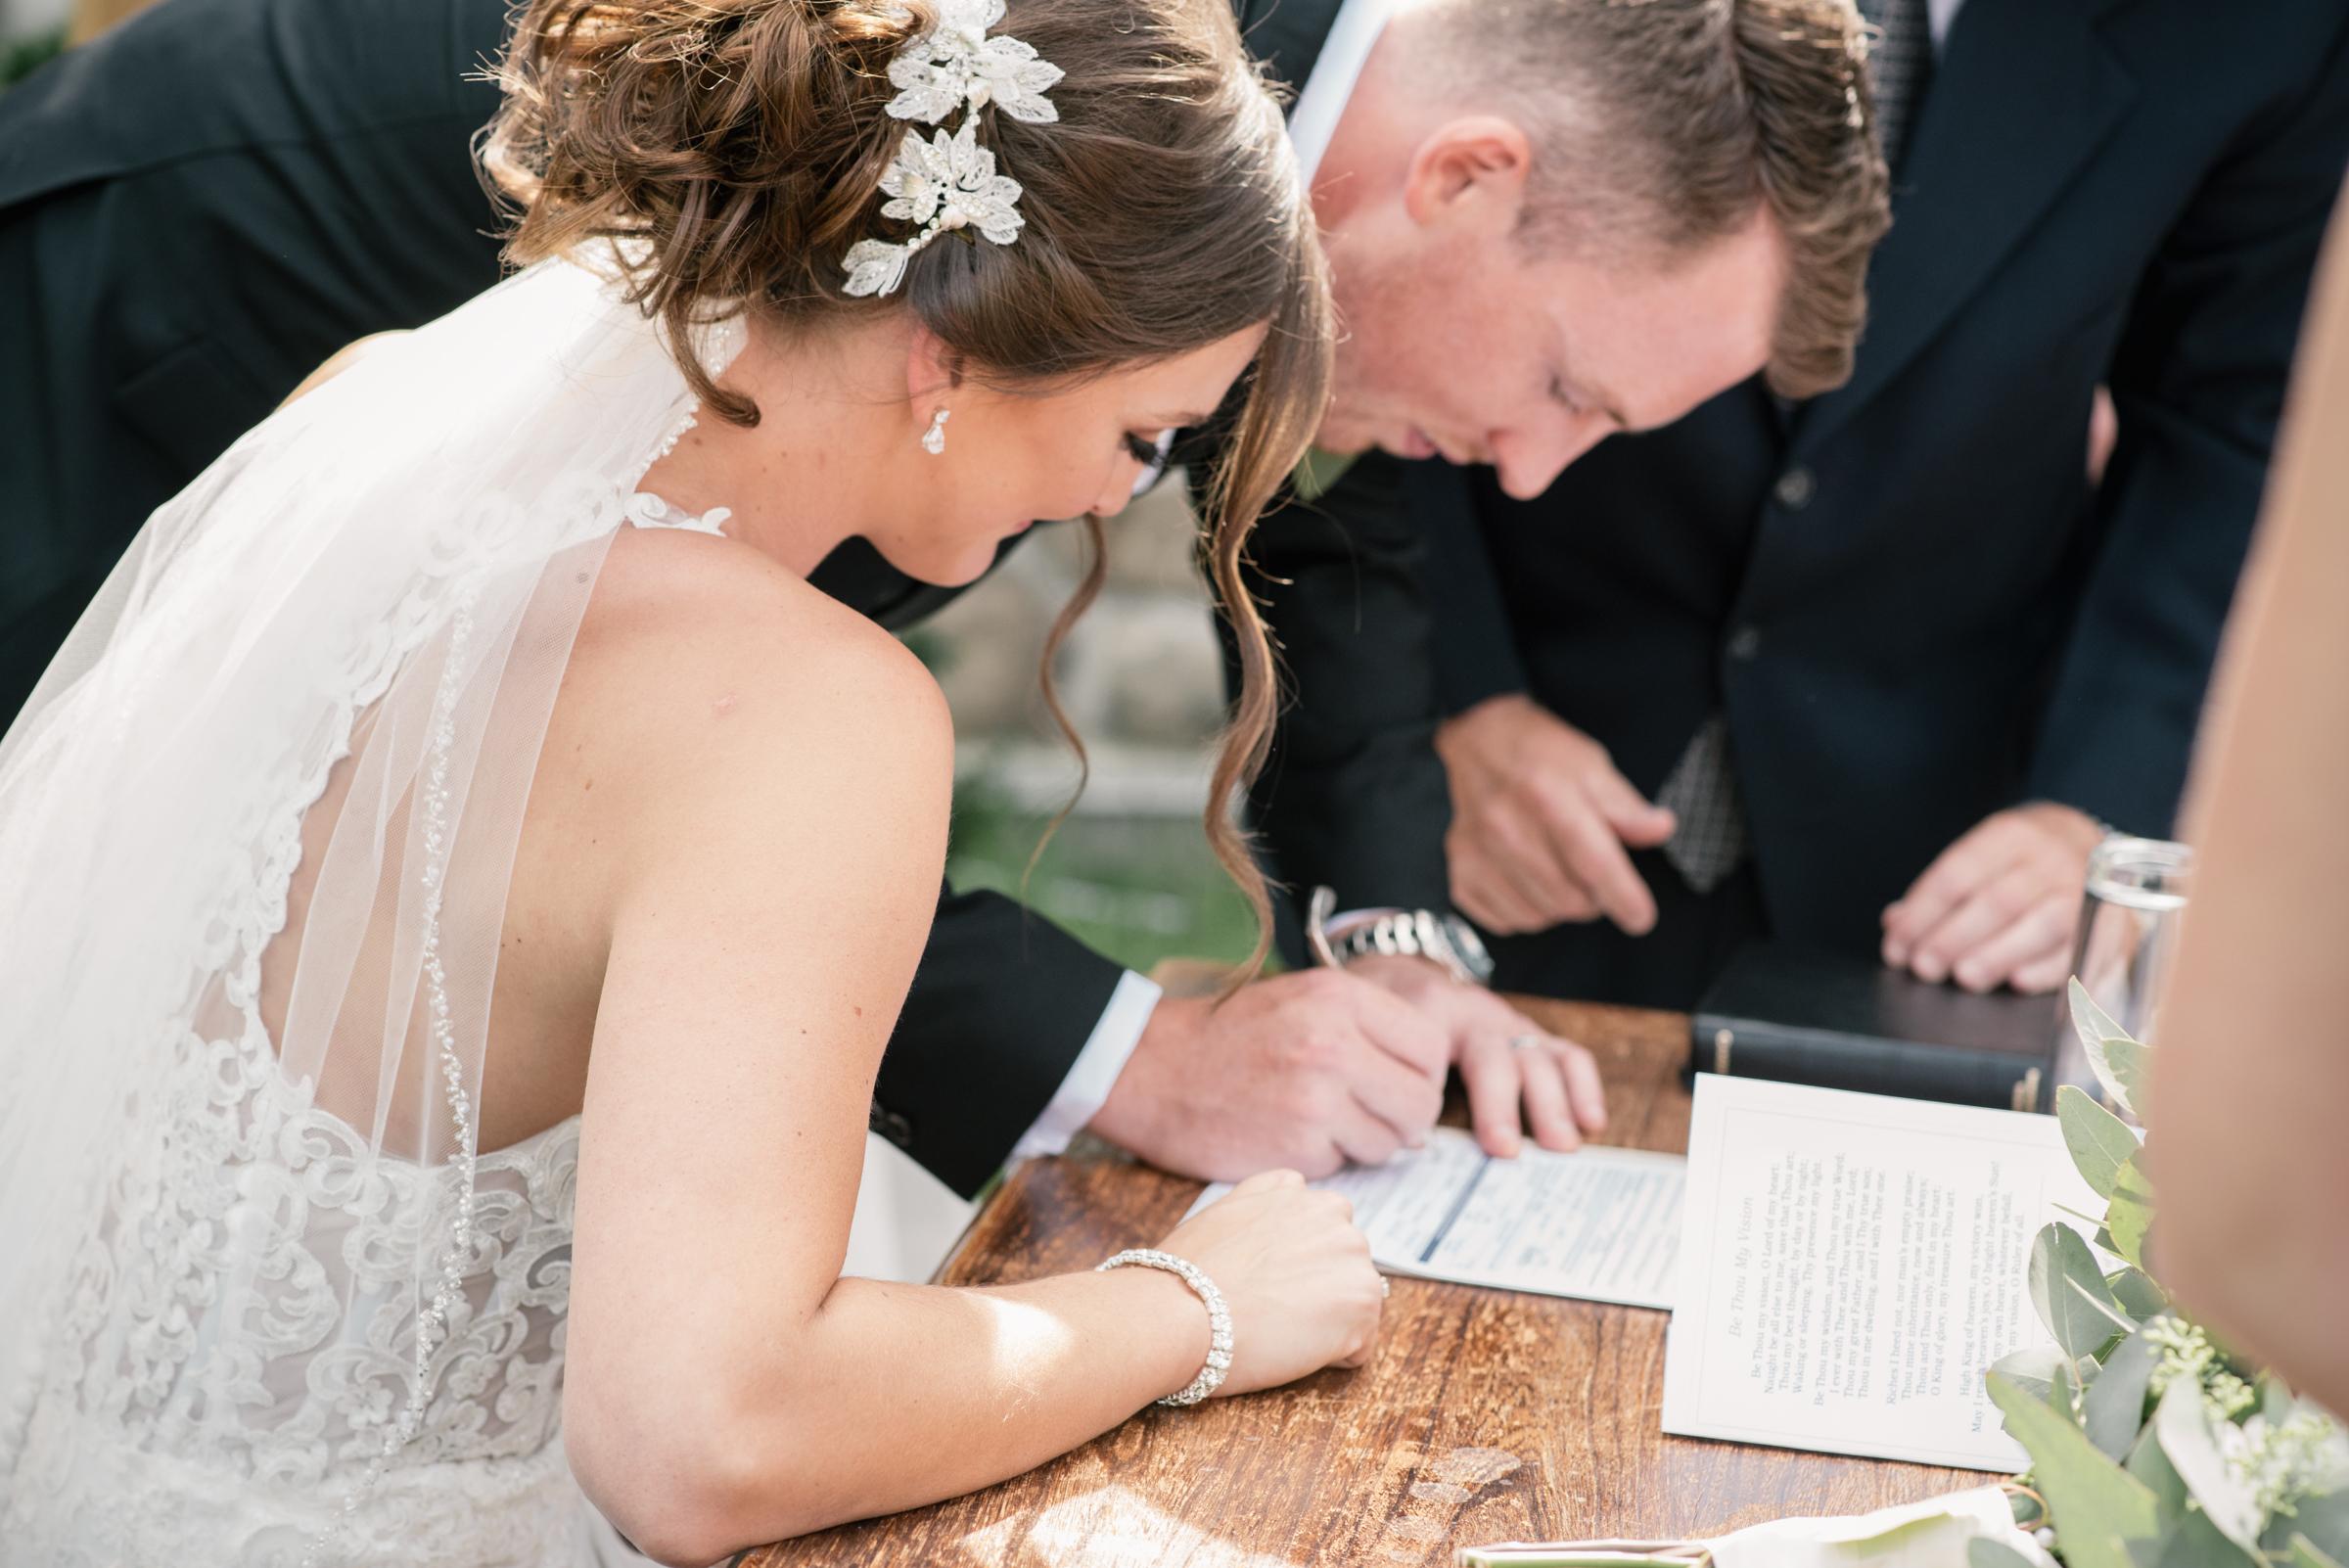 180824_KatieJake_Wedding_DSC_7557_Web.jpg